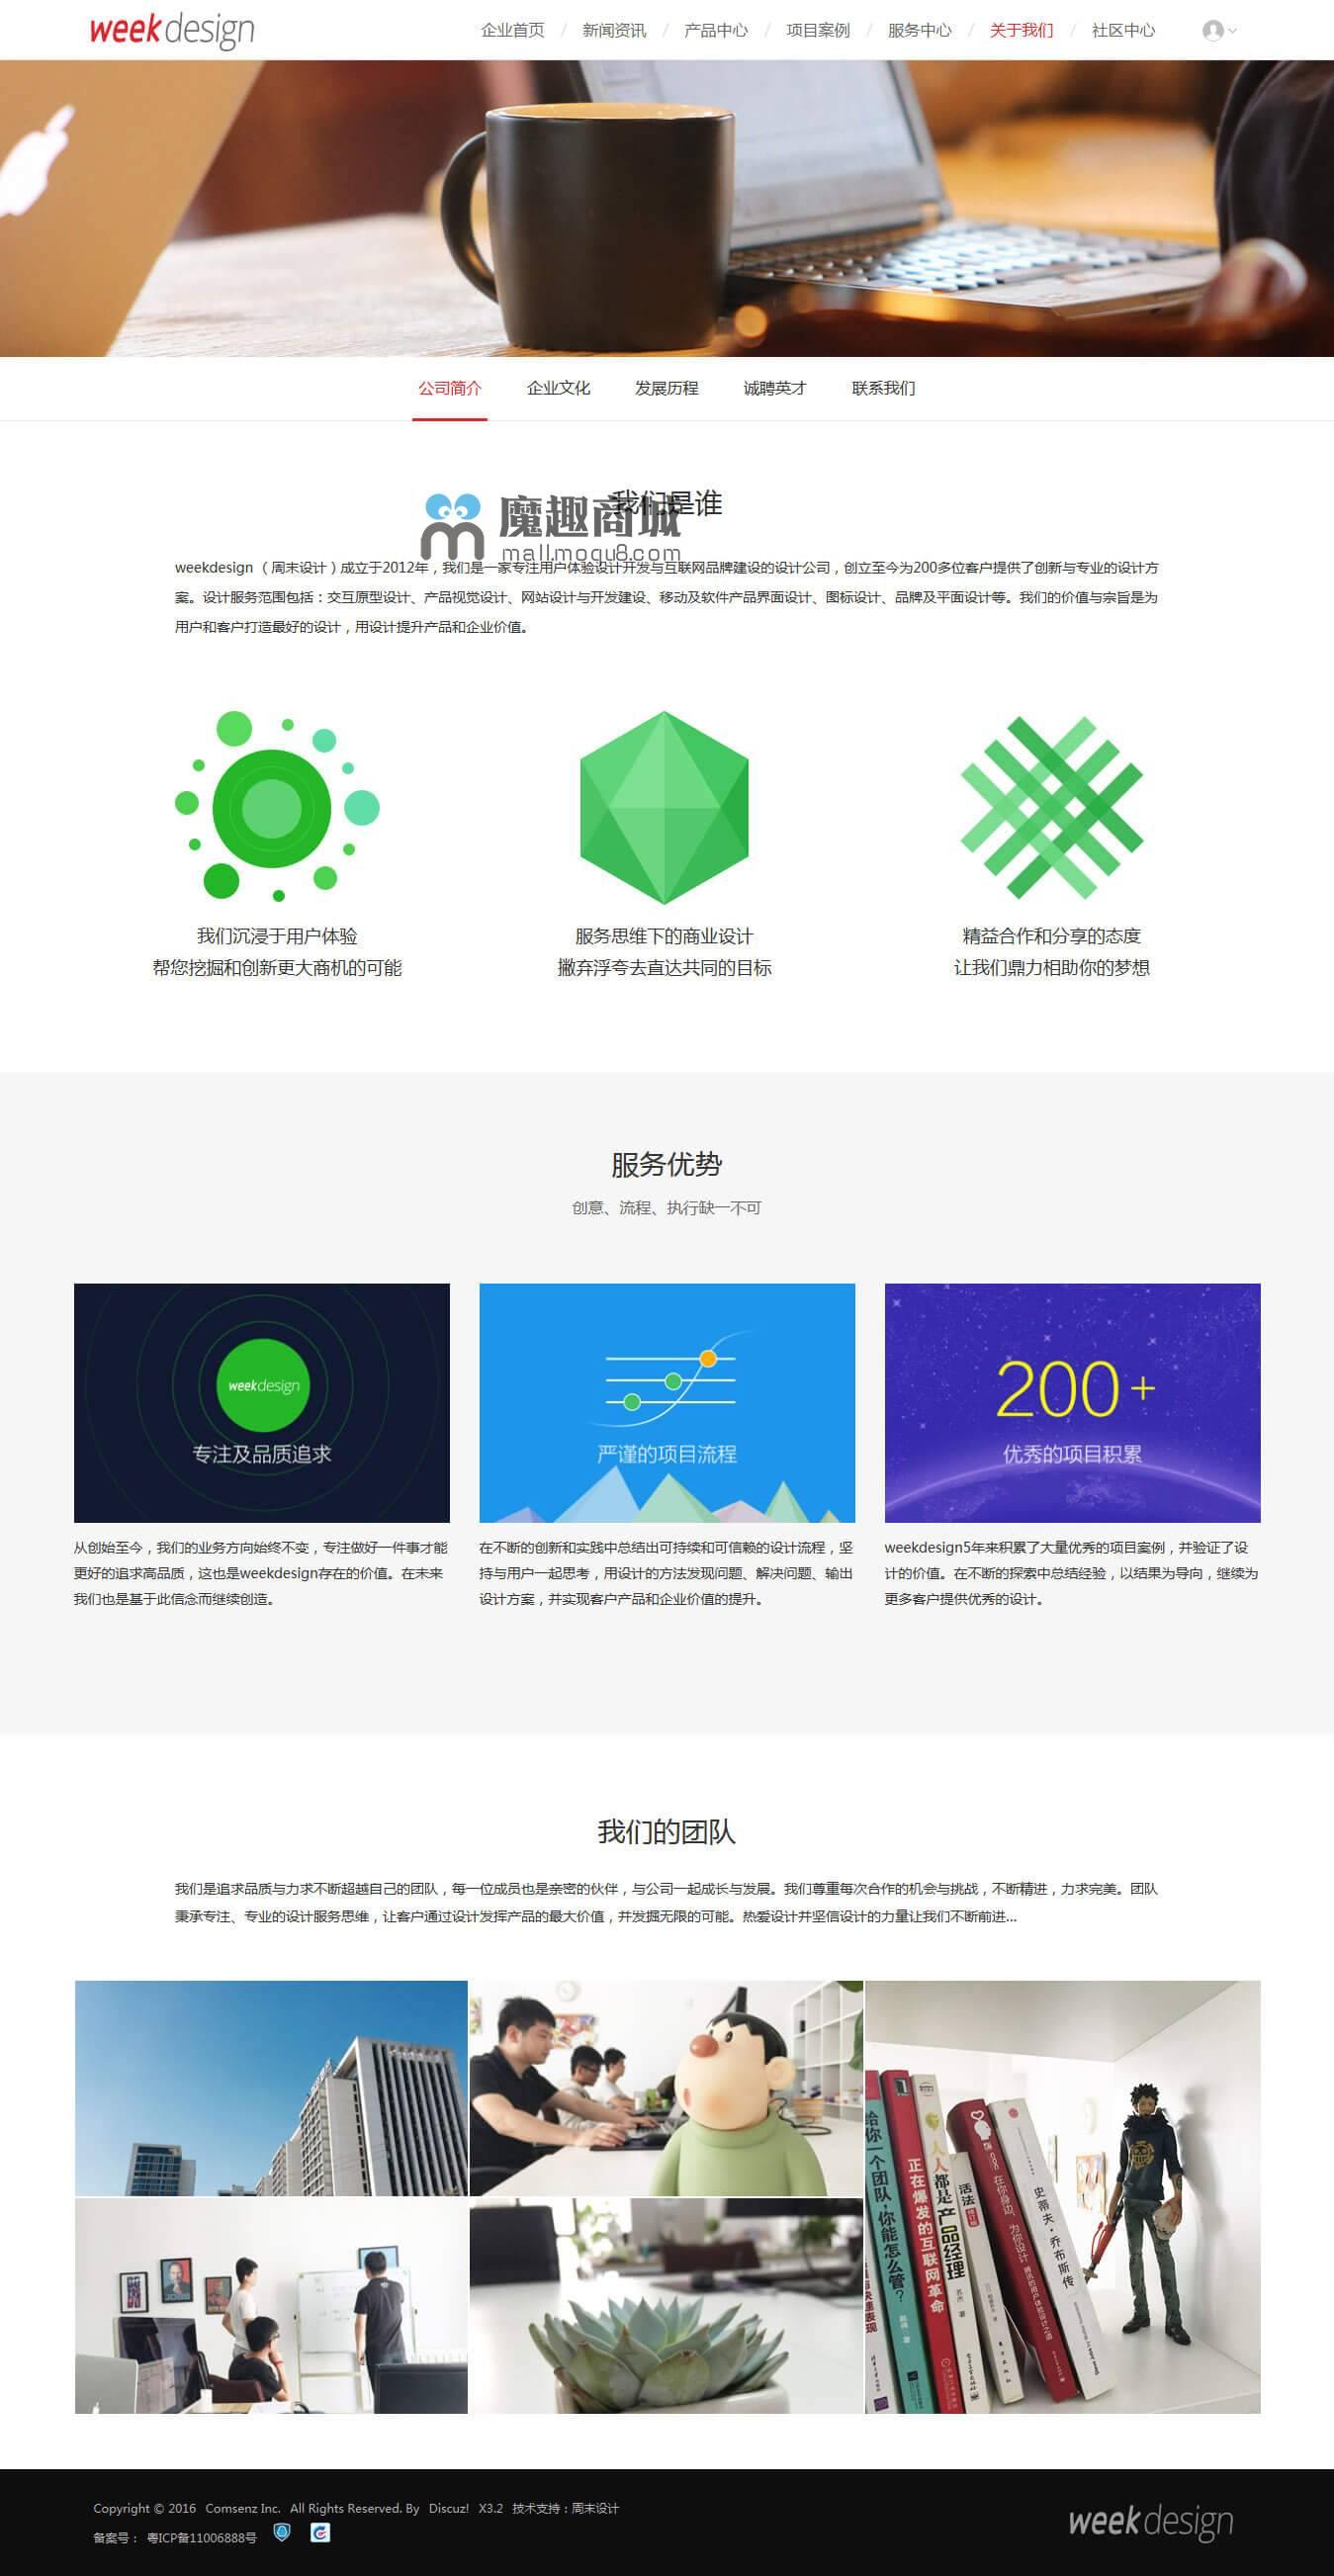 HTML5响应式企业品牌整合营销模板